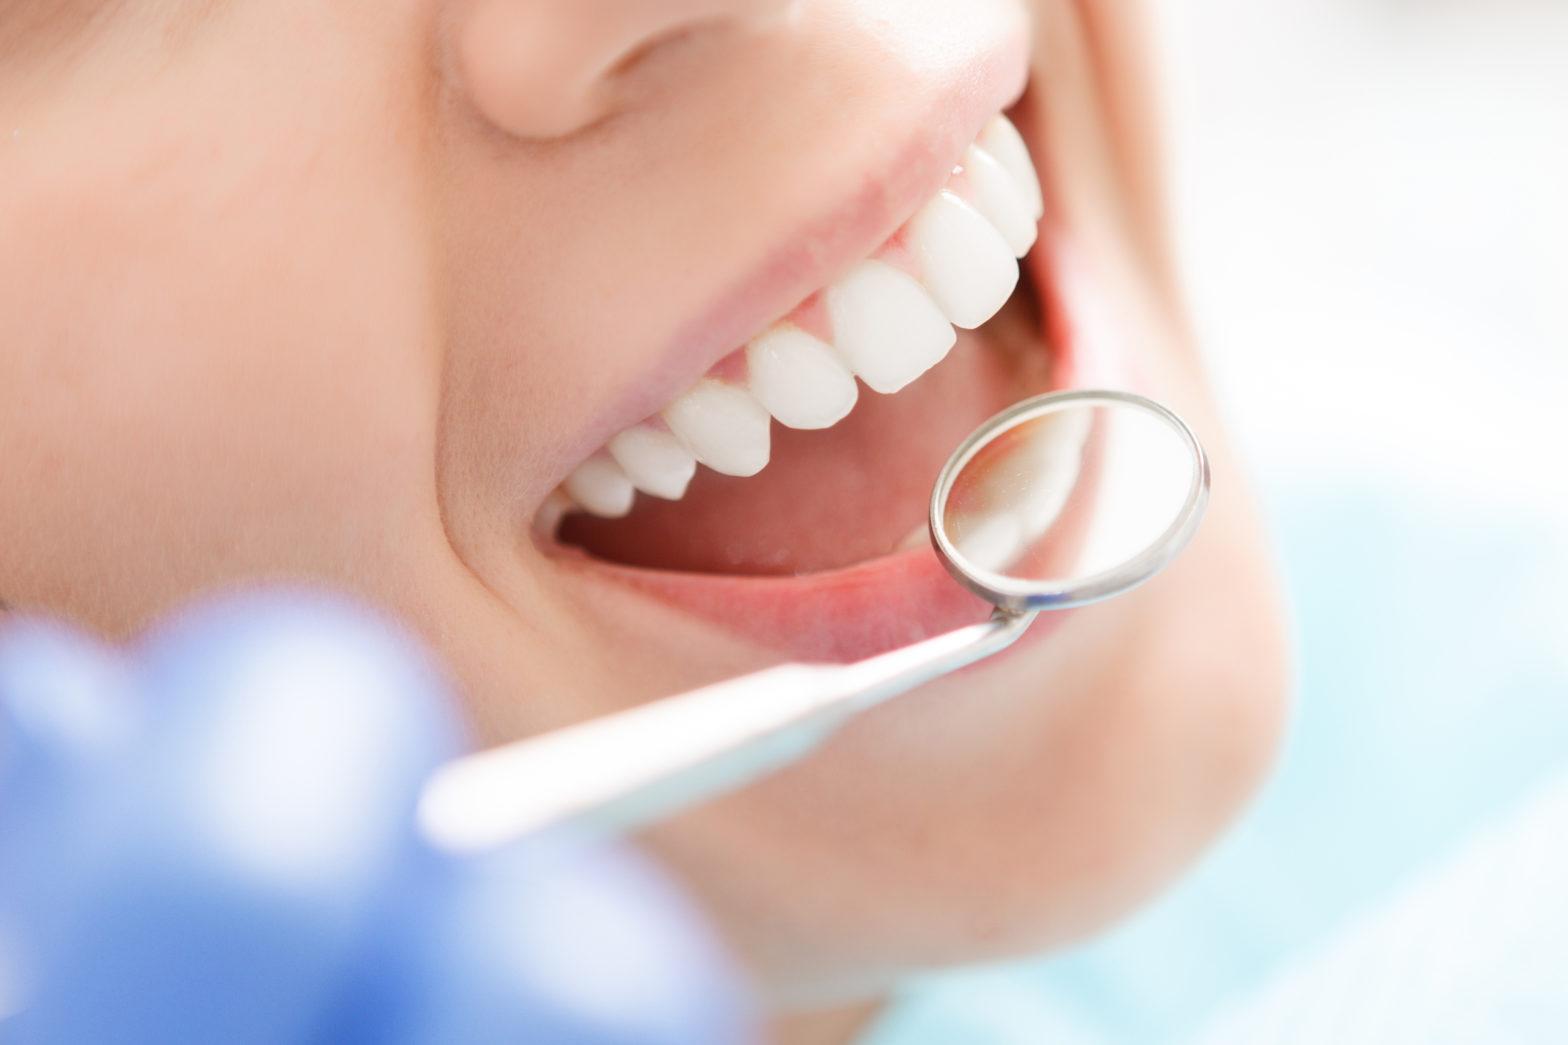 Запись на приём в стоматологический центр «Стоматолог и Я»